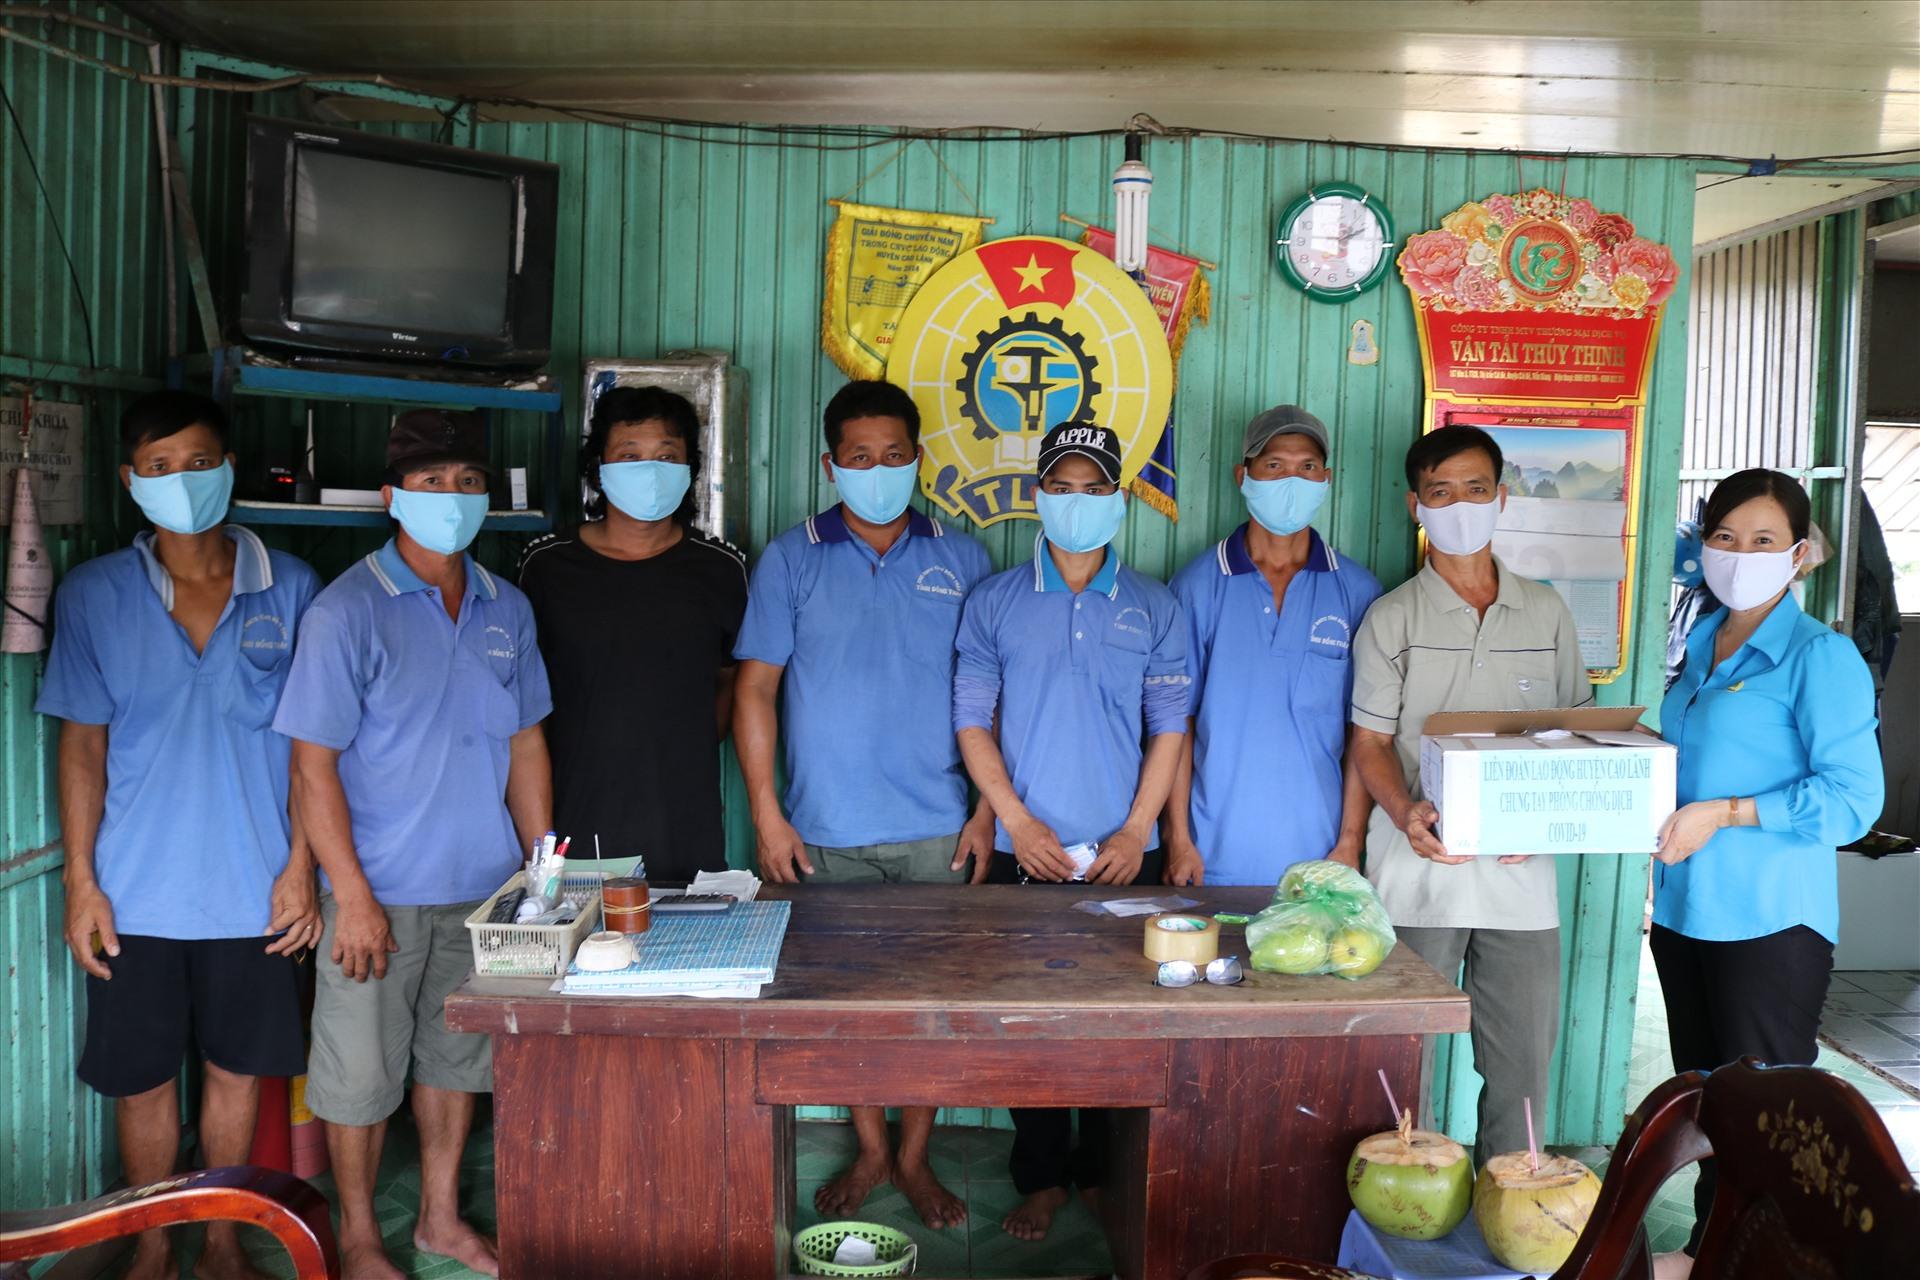 Chủ tịch LĐLĐ huyện Cao Lãnh - Phạm Thị Xuân Mai tặng khẩu trang vải cho Nghiệp đoàn bốc xếp tại Chợ đầu mối trái cây tỉnh Đồng Tháp. Ảnh: HL